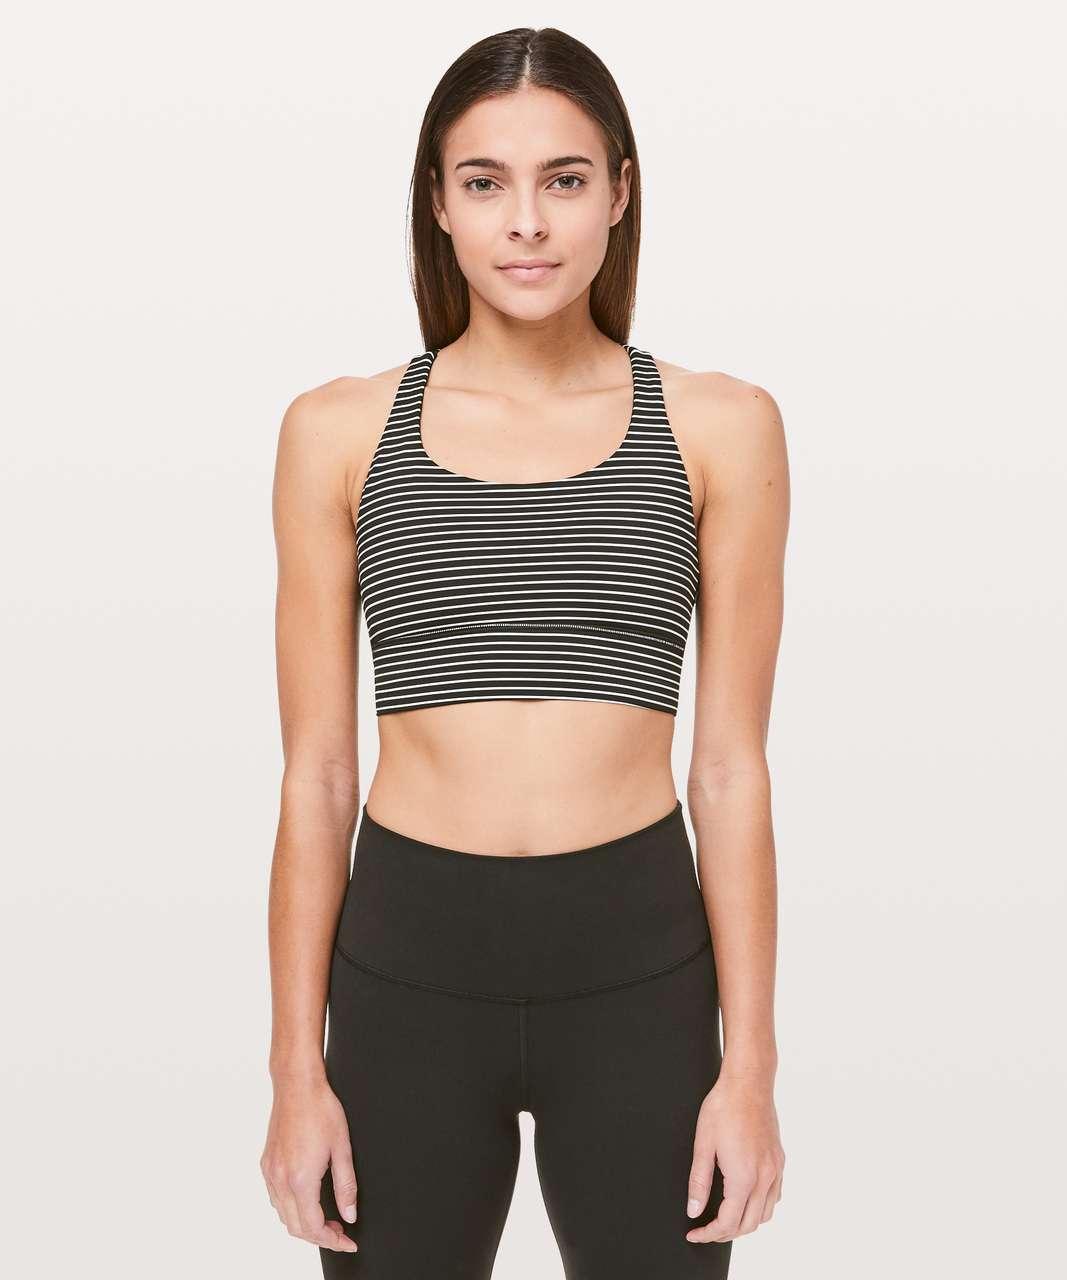 Lululemon Energy Bra *Long Line - Mod Stripe Black White